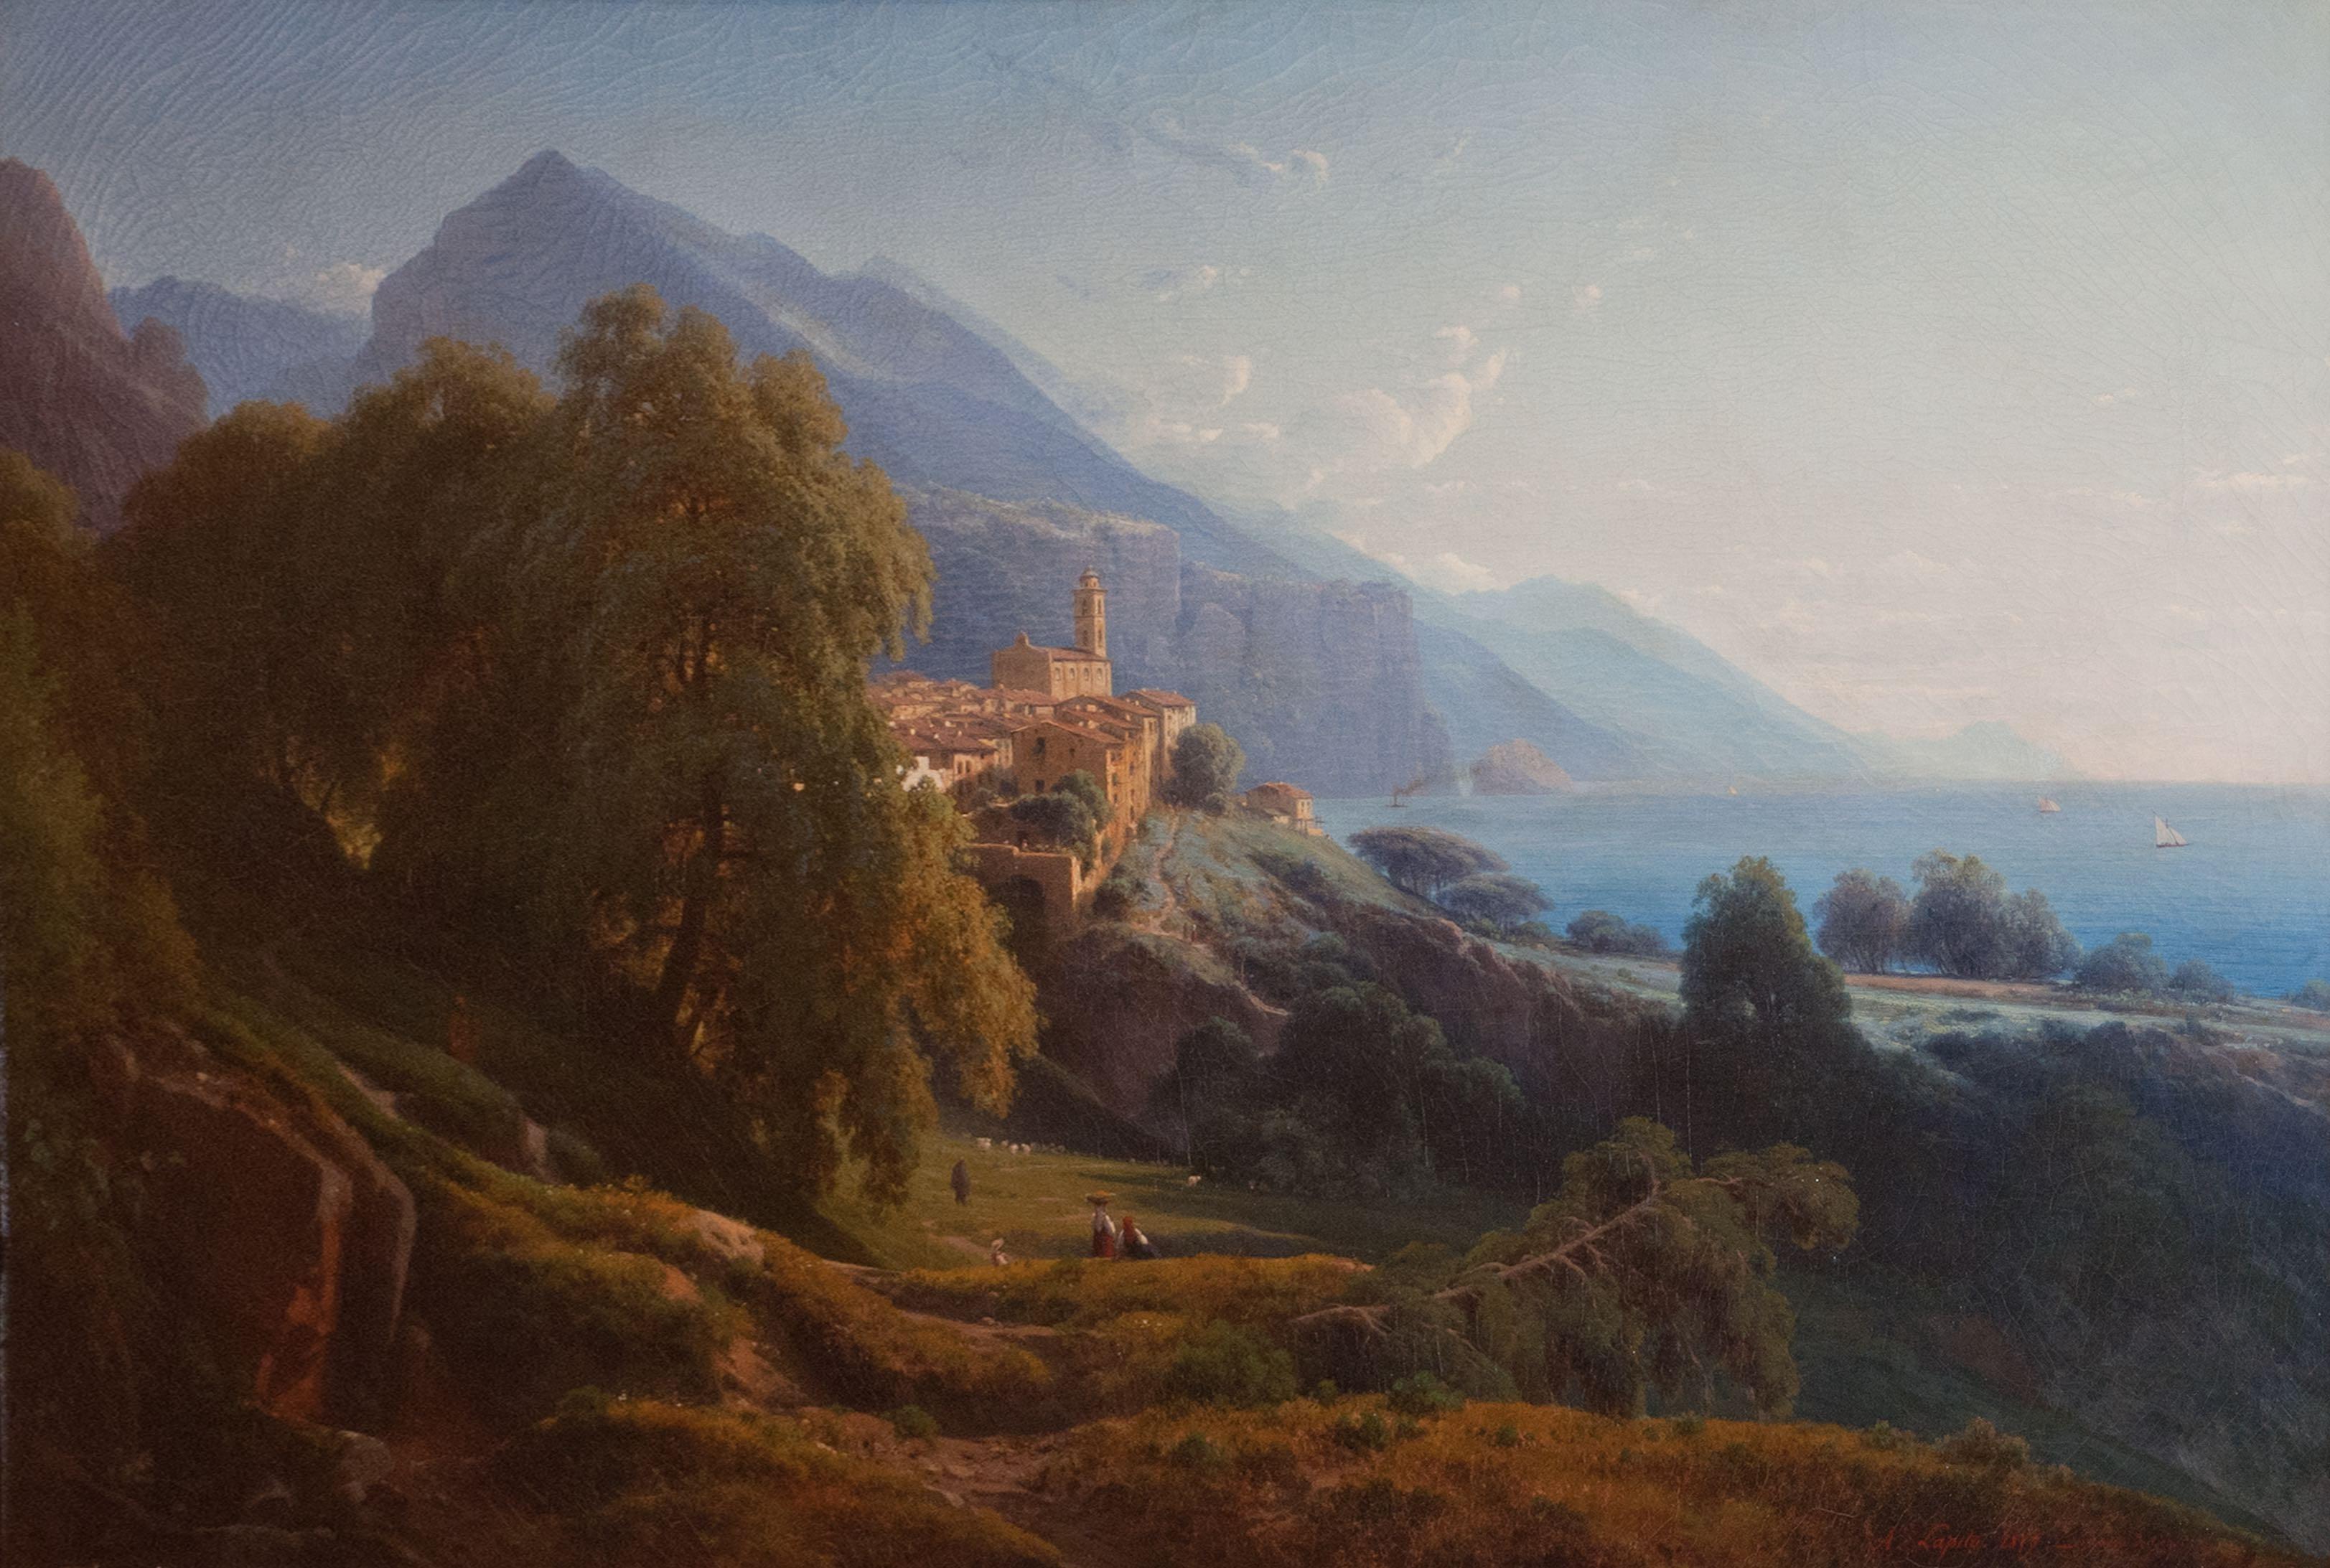 Louis-Auguste Lapito, La Corniche de Gênes, 1857 © Musée de Valence, photographie Béatrice Roussel